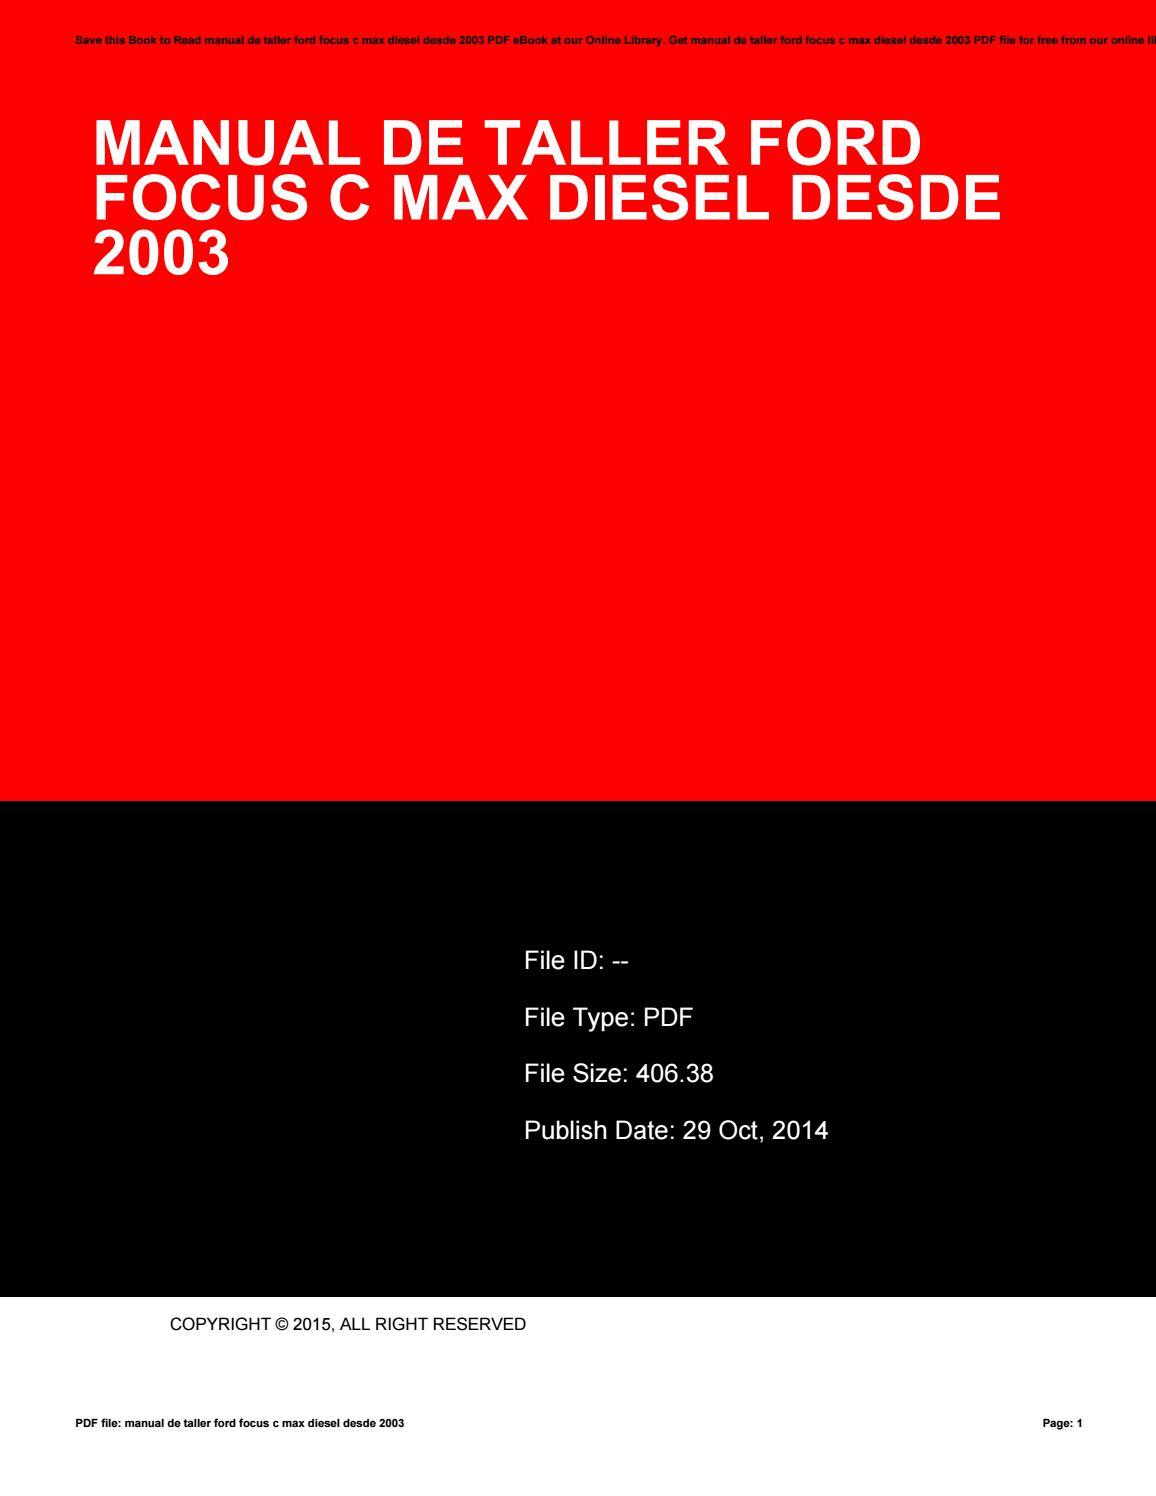 Manual de taller ford focus c max diesel desde 2003 by StevenPalmer4455 -  issuu